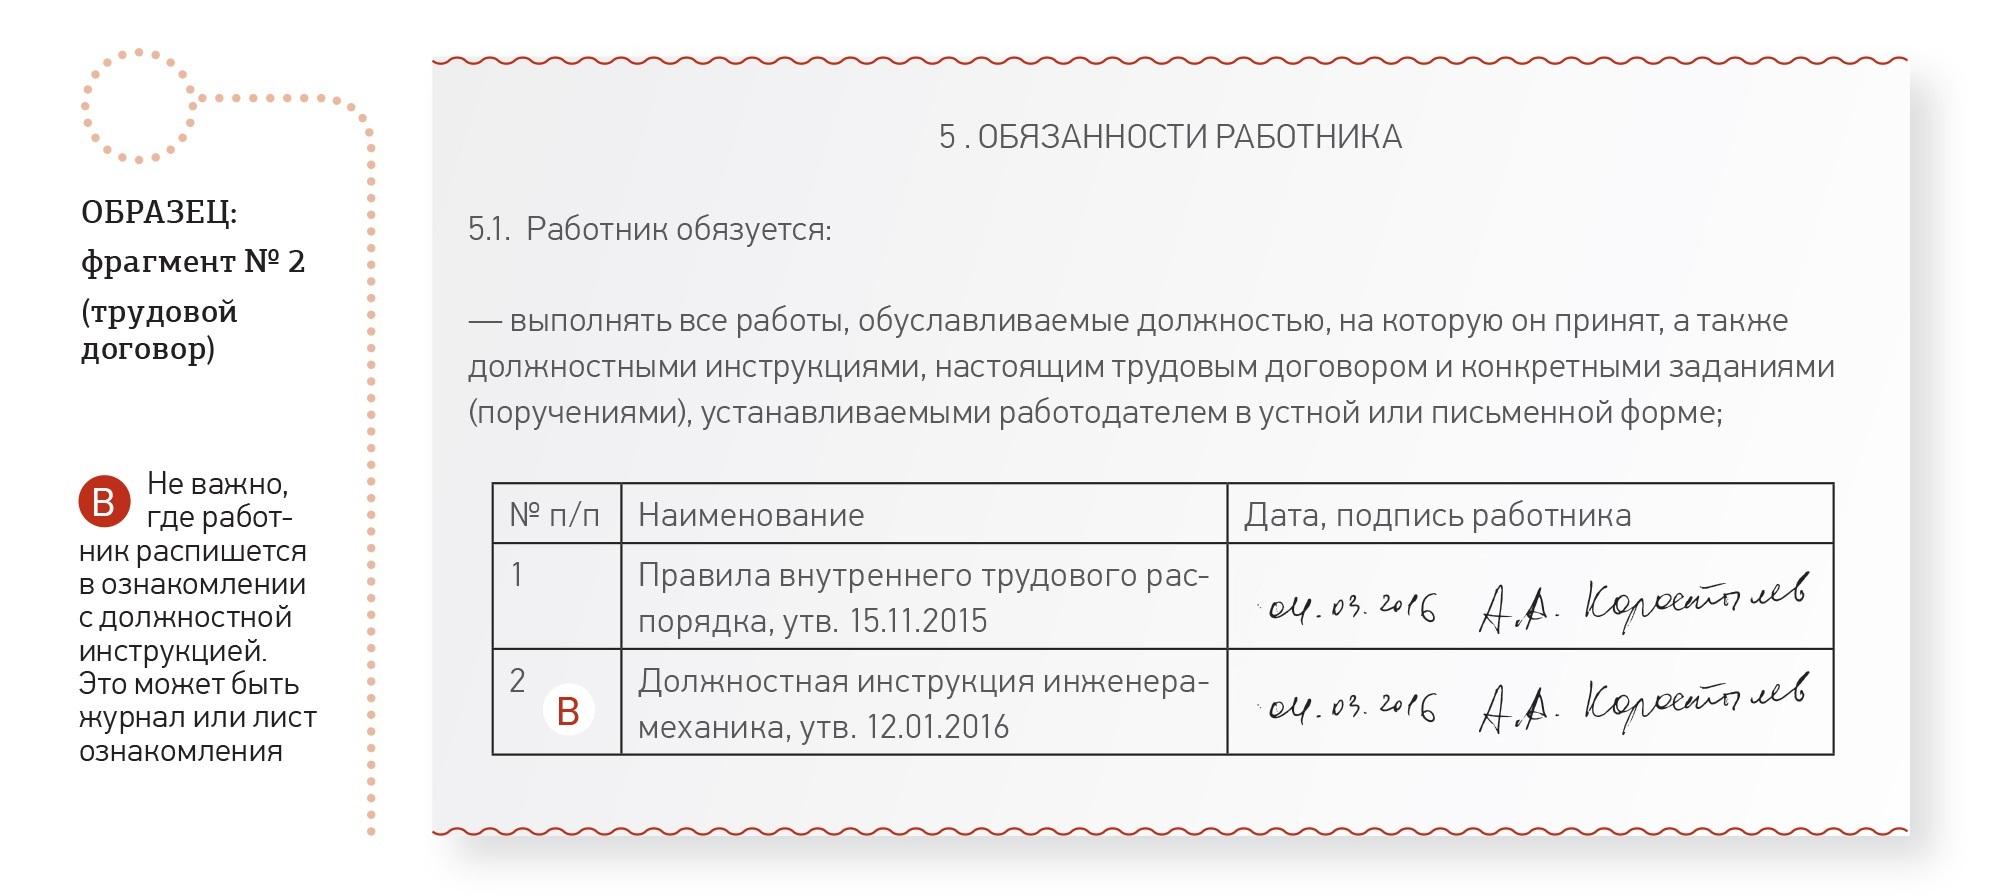 отказ сотрудника подписывать должностную инструкция